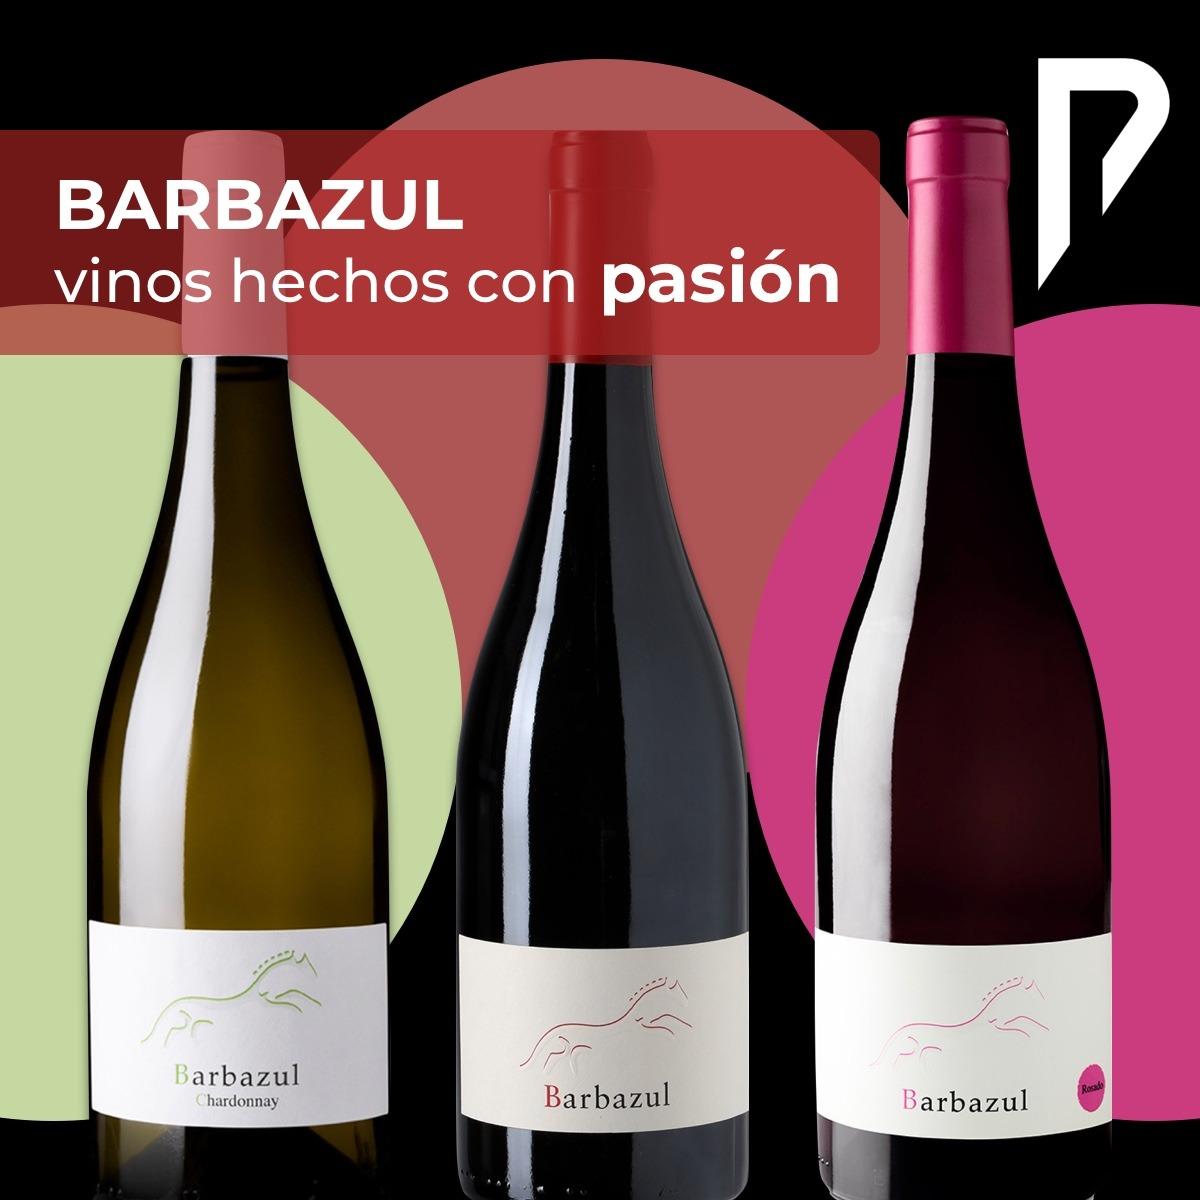 Vinos Barbazul, grandes vinos de Arcos de la Frontera, distribuidos por Distribuciones Porro.